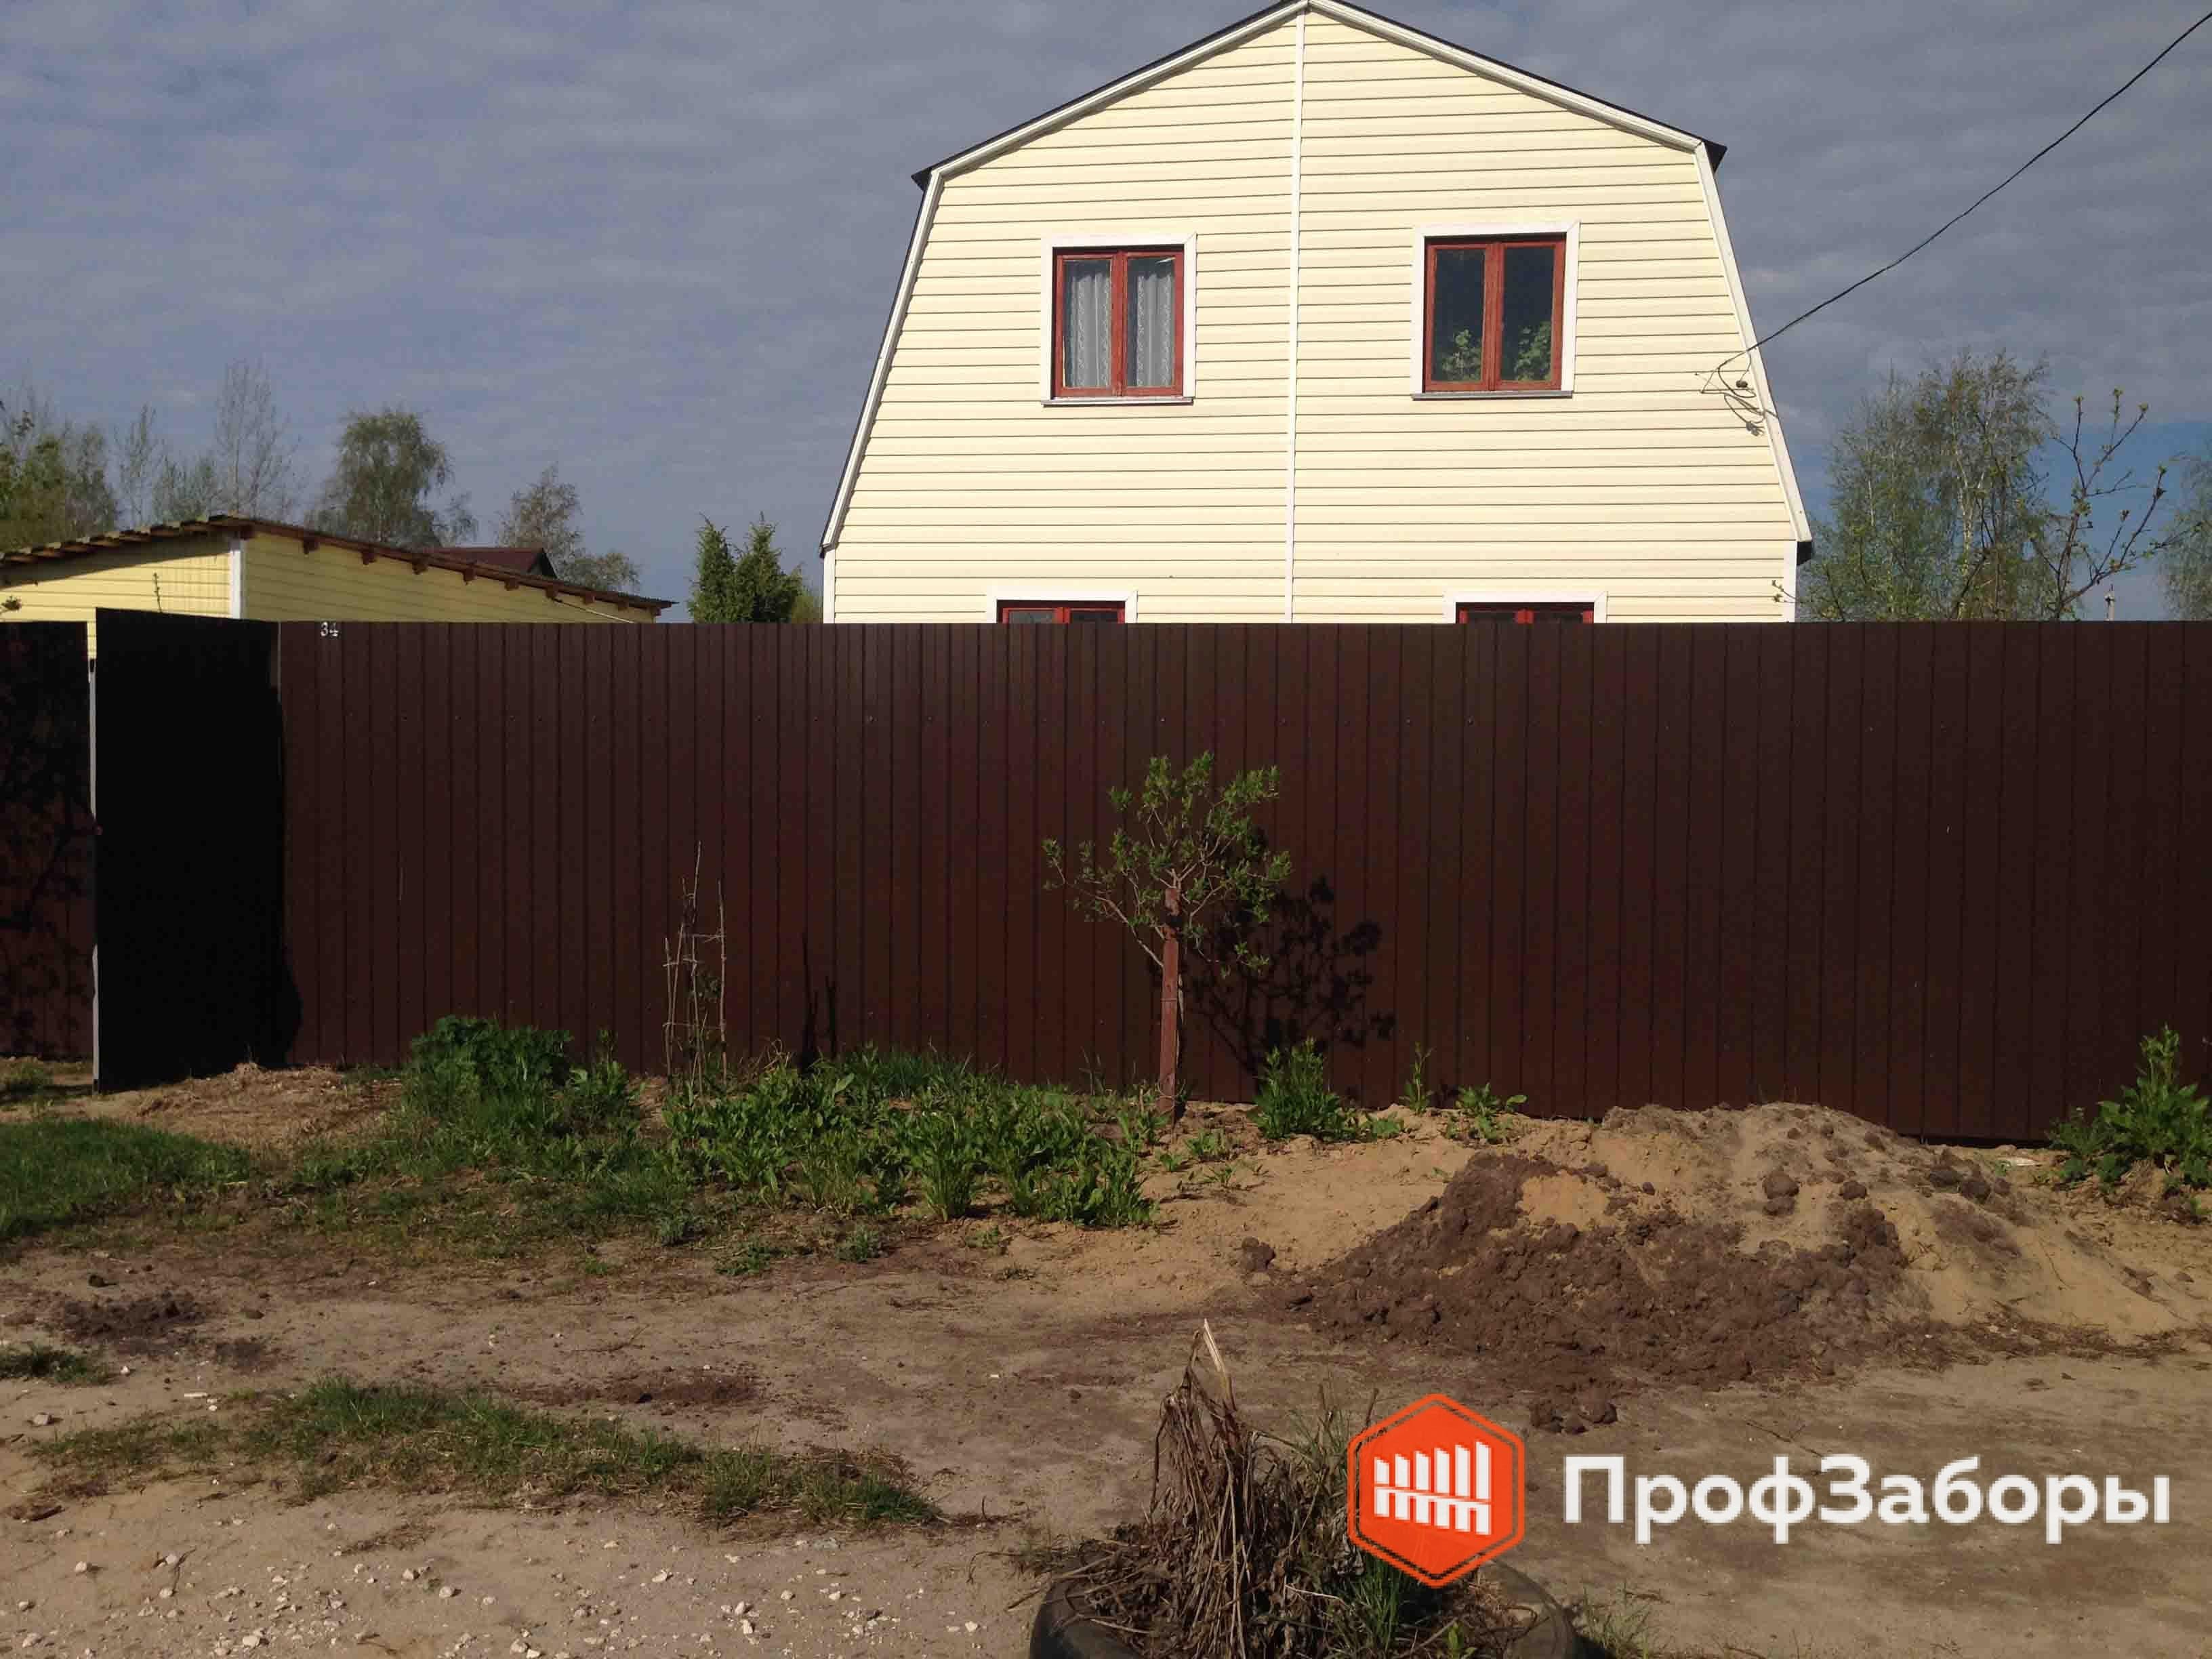 Заборы Из профнастила  - Одинцовский район. Фото 2